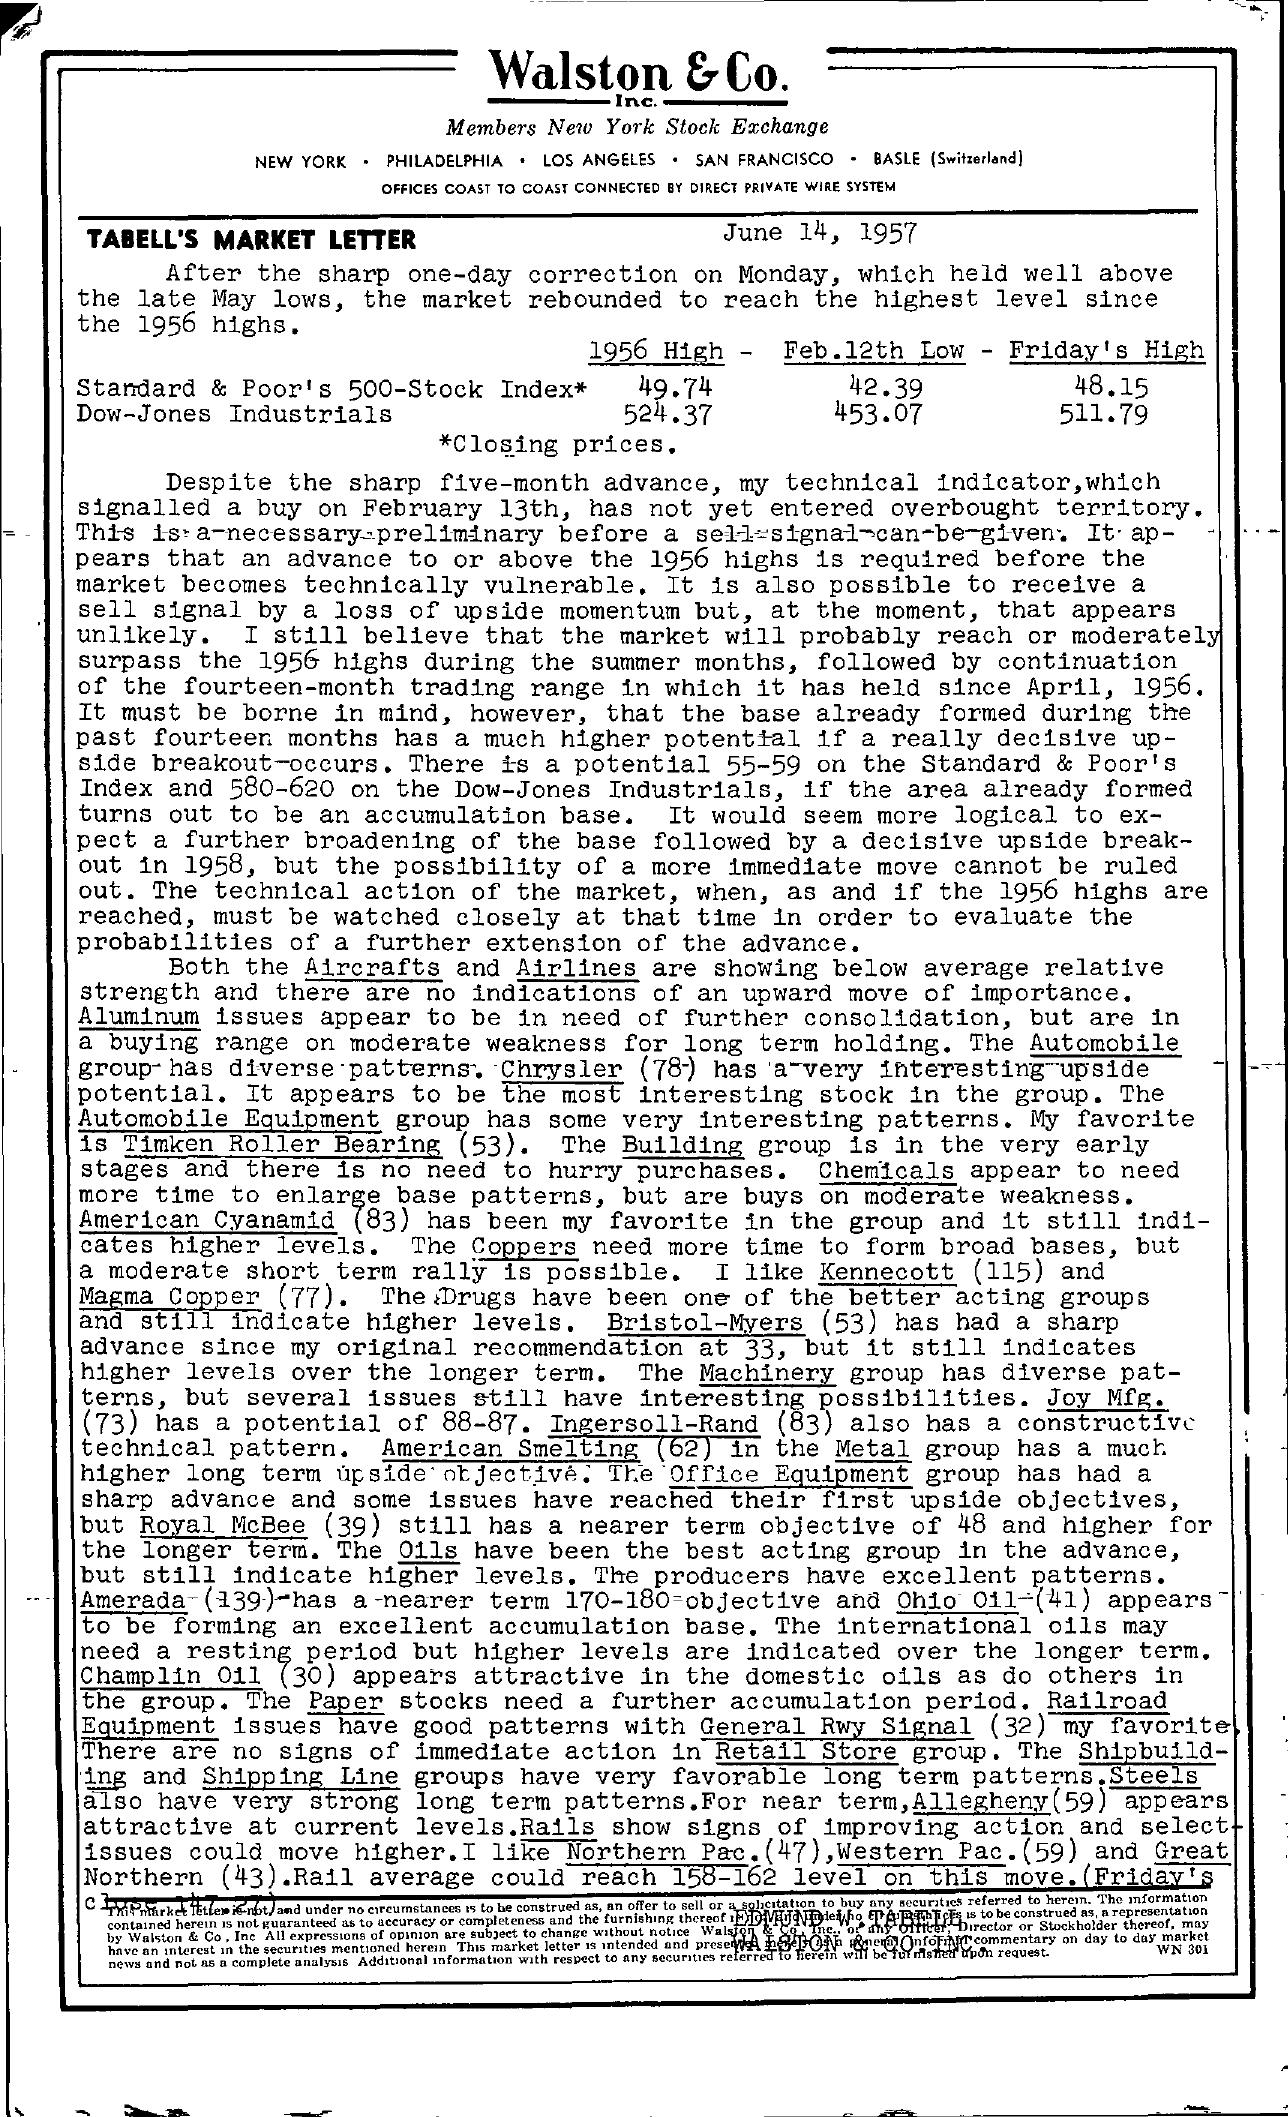 Tabell's Market Letter - June 14, 1957